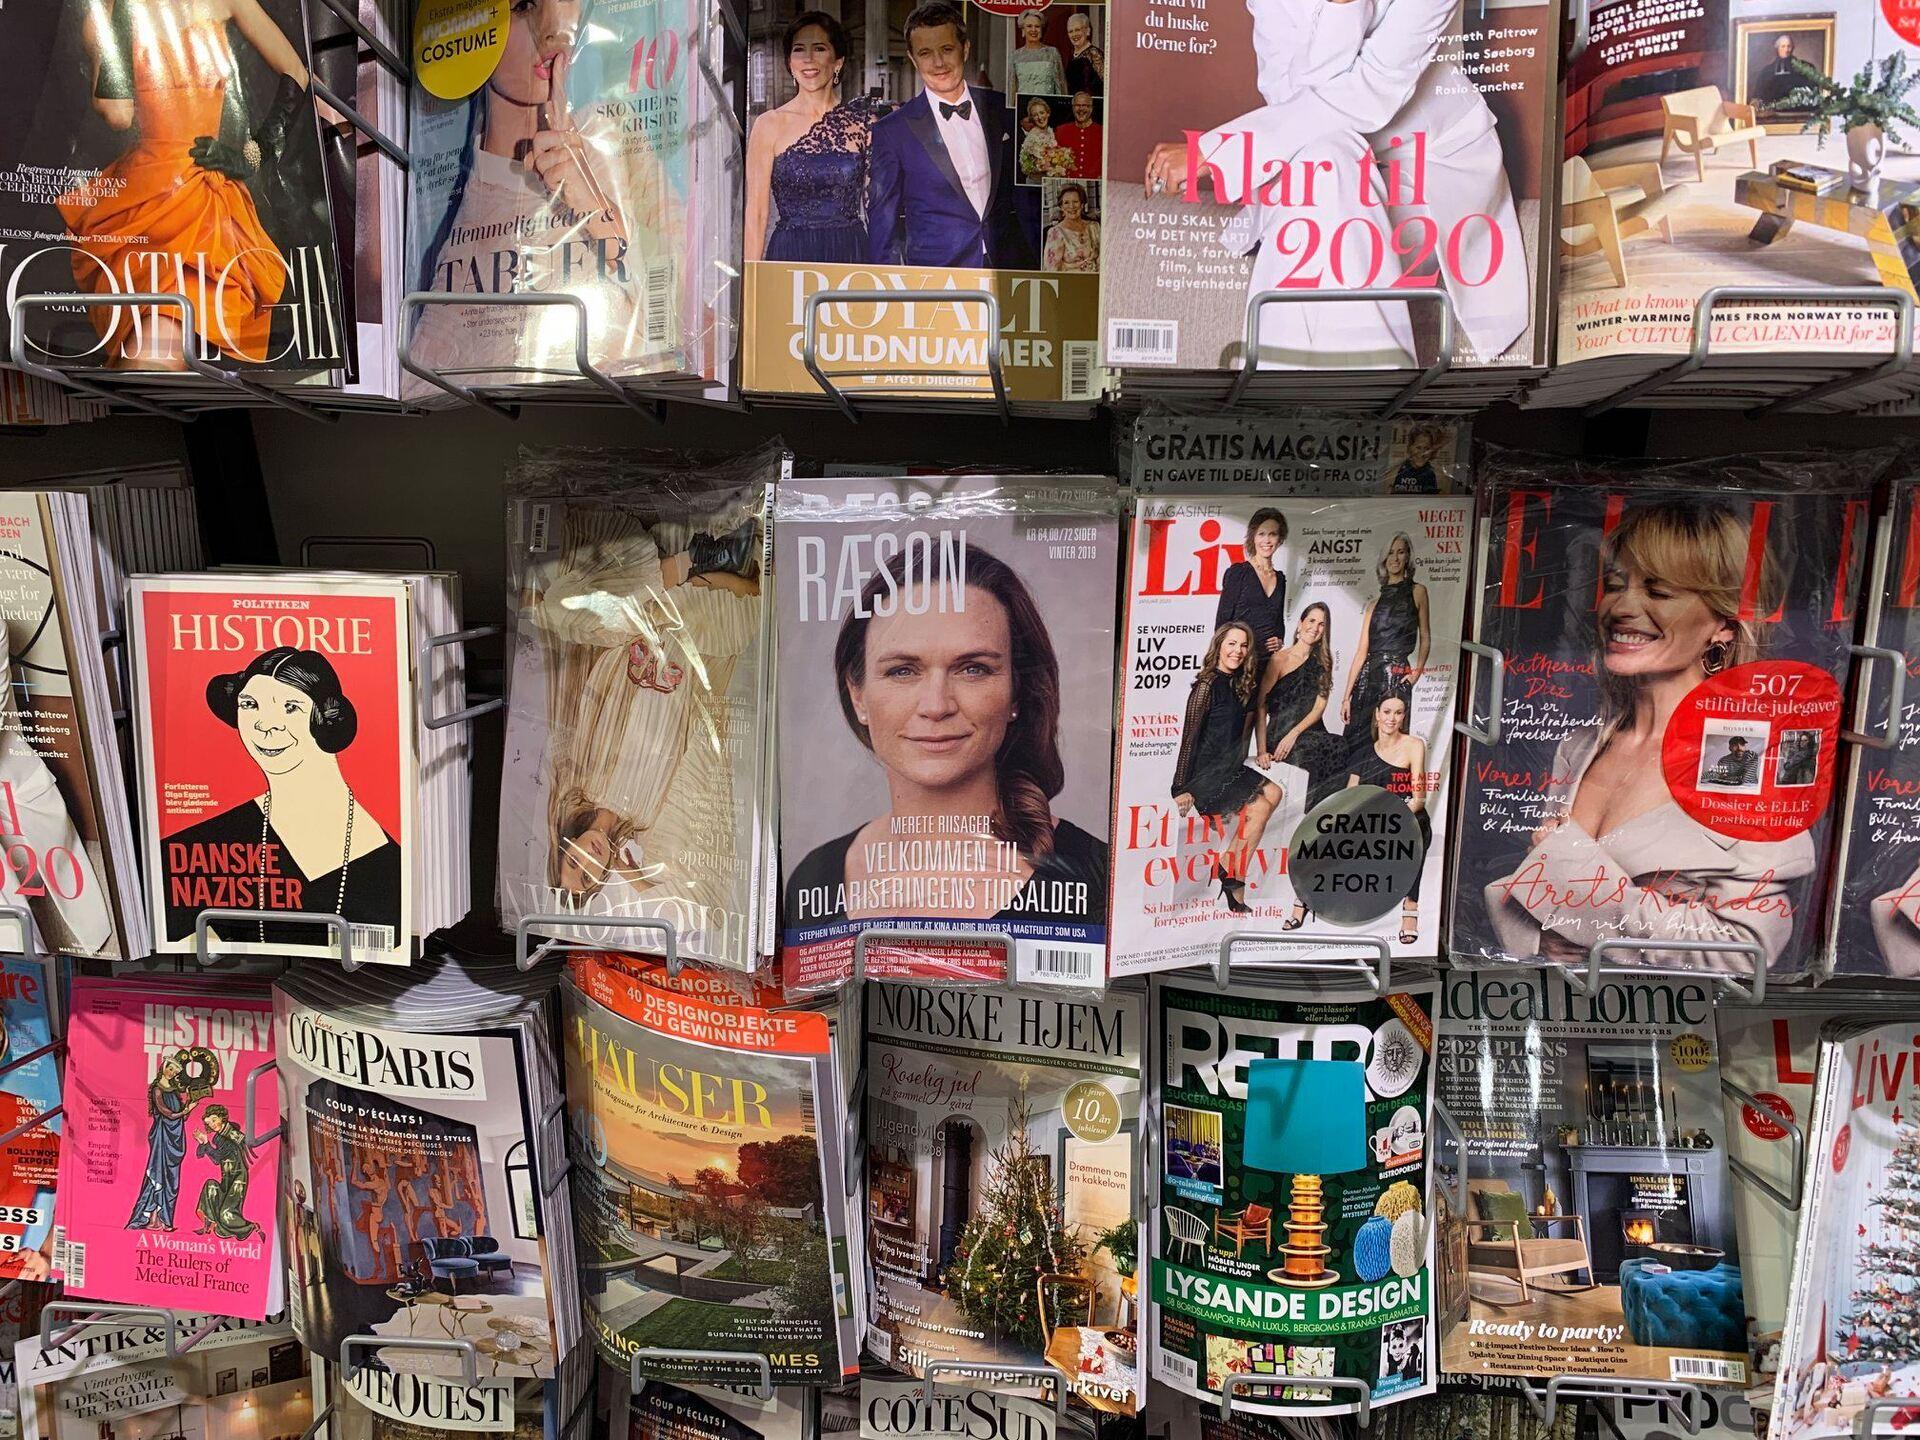 Nyt fra RÆSON: Flere abonnenter end nogensinde – men hårdt ramt af coronaaflysninger